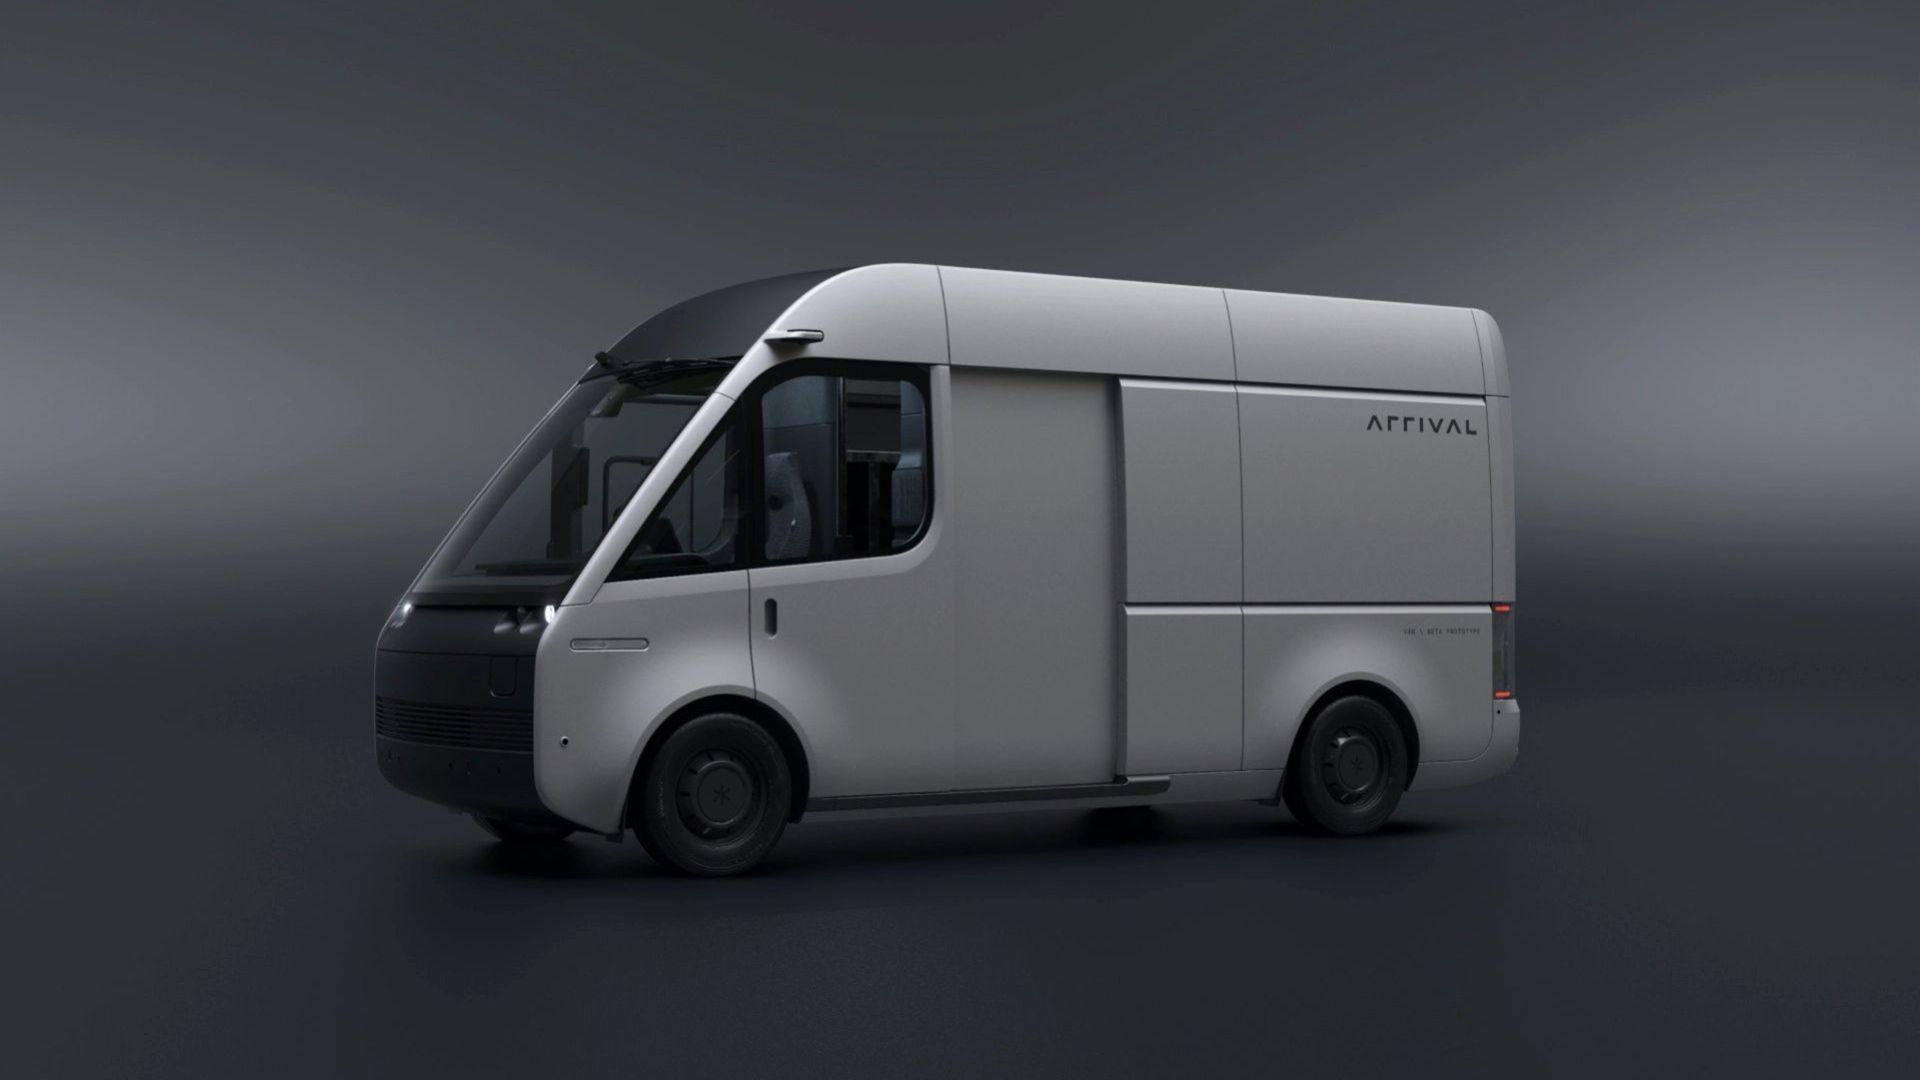 Arrival visar uppdaterad version av eldrivna transportbilen